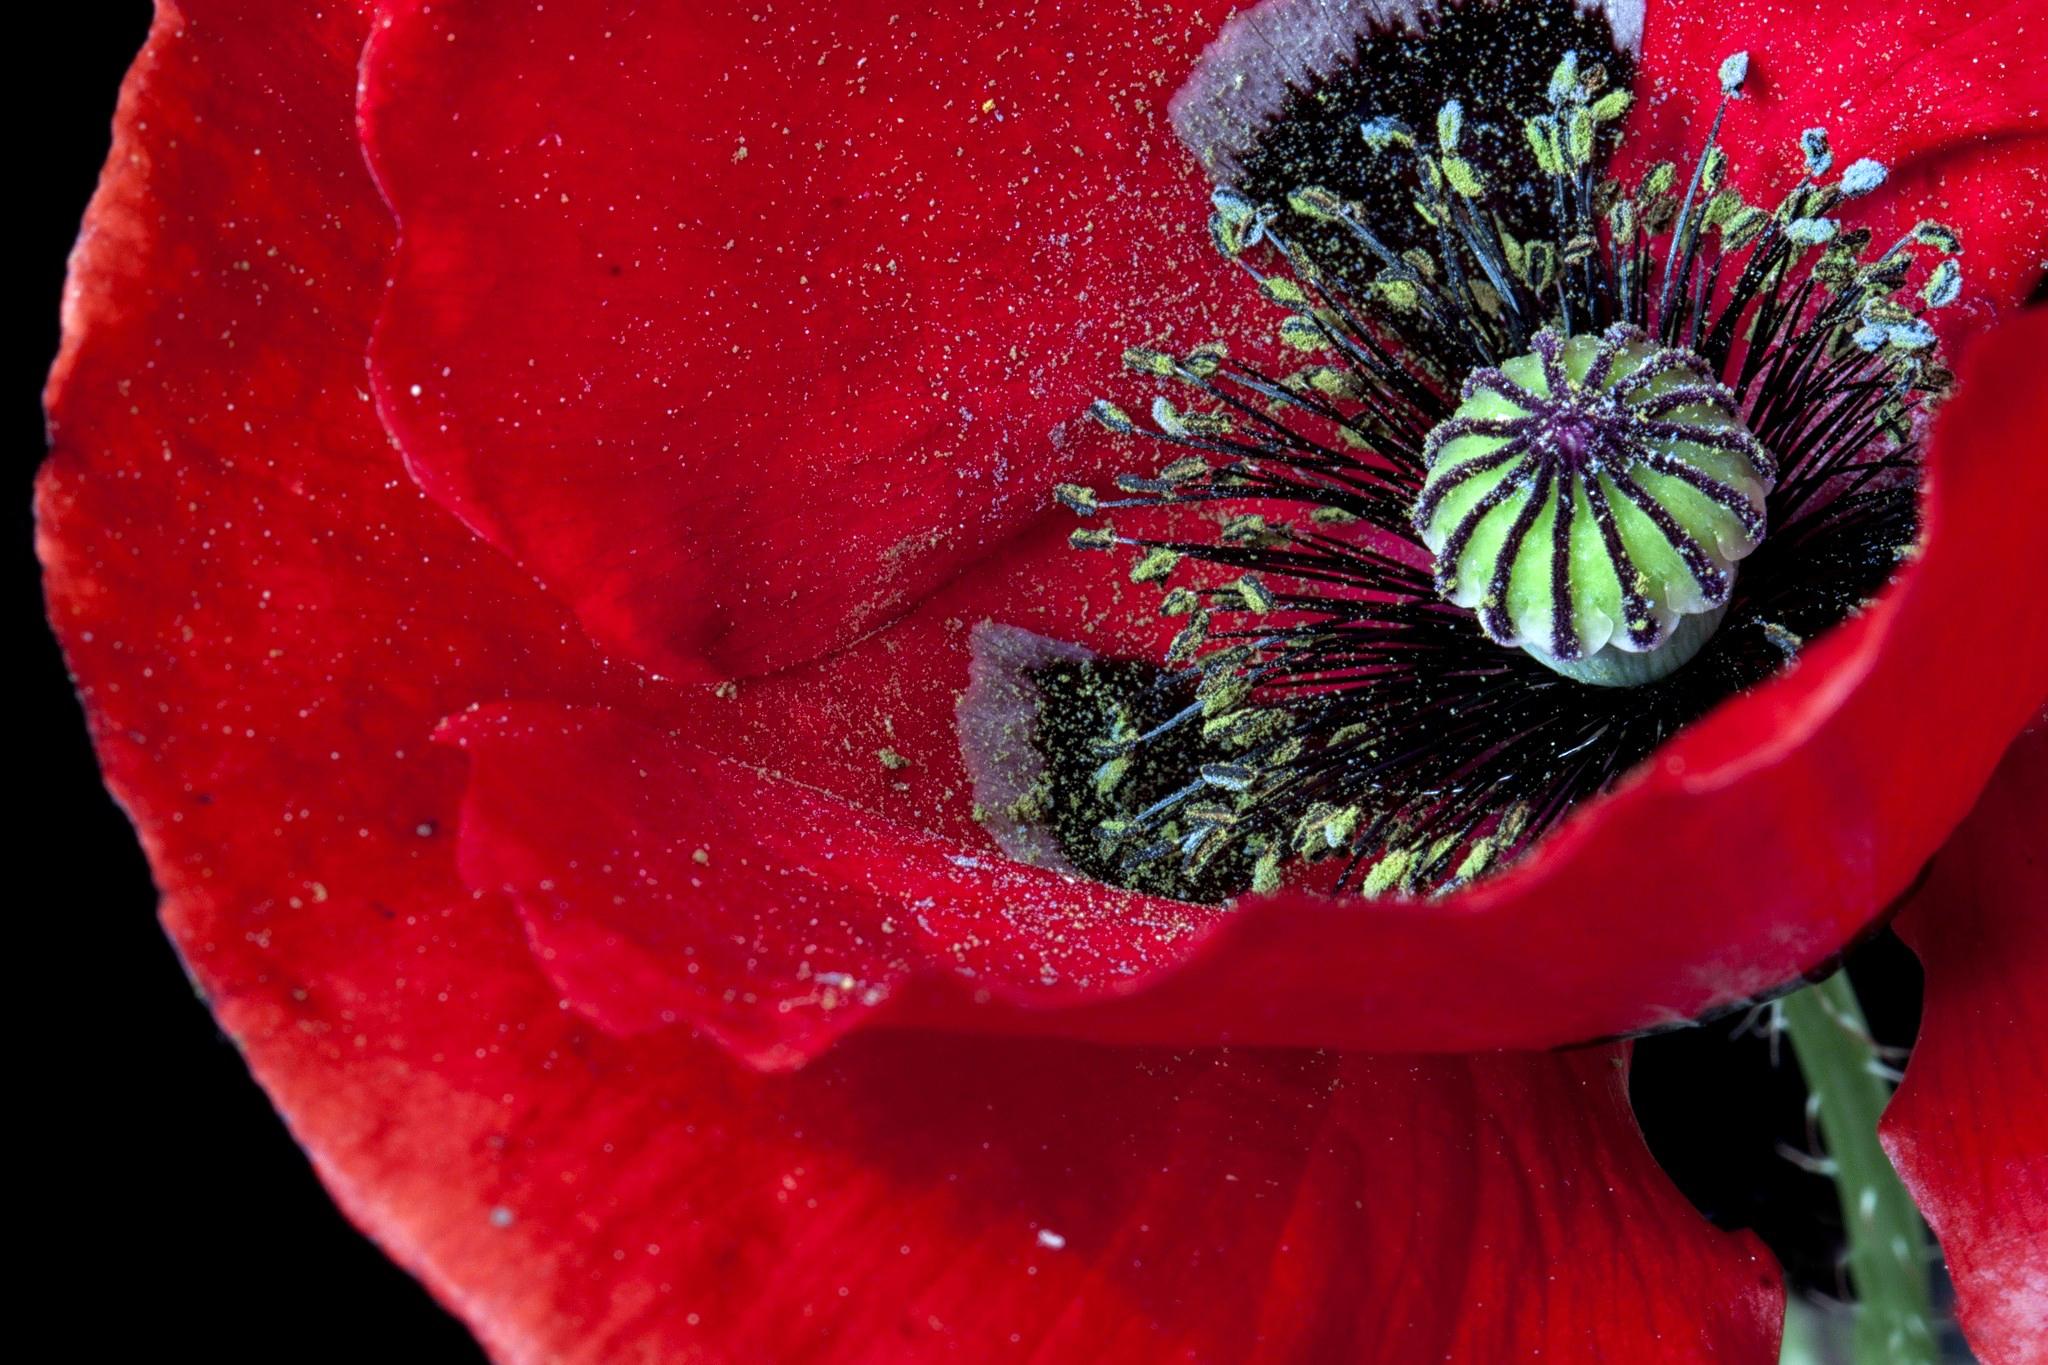 Расцветают вишни анимация картинки самары оказали